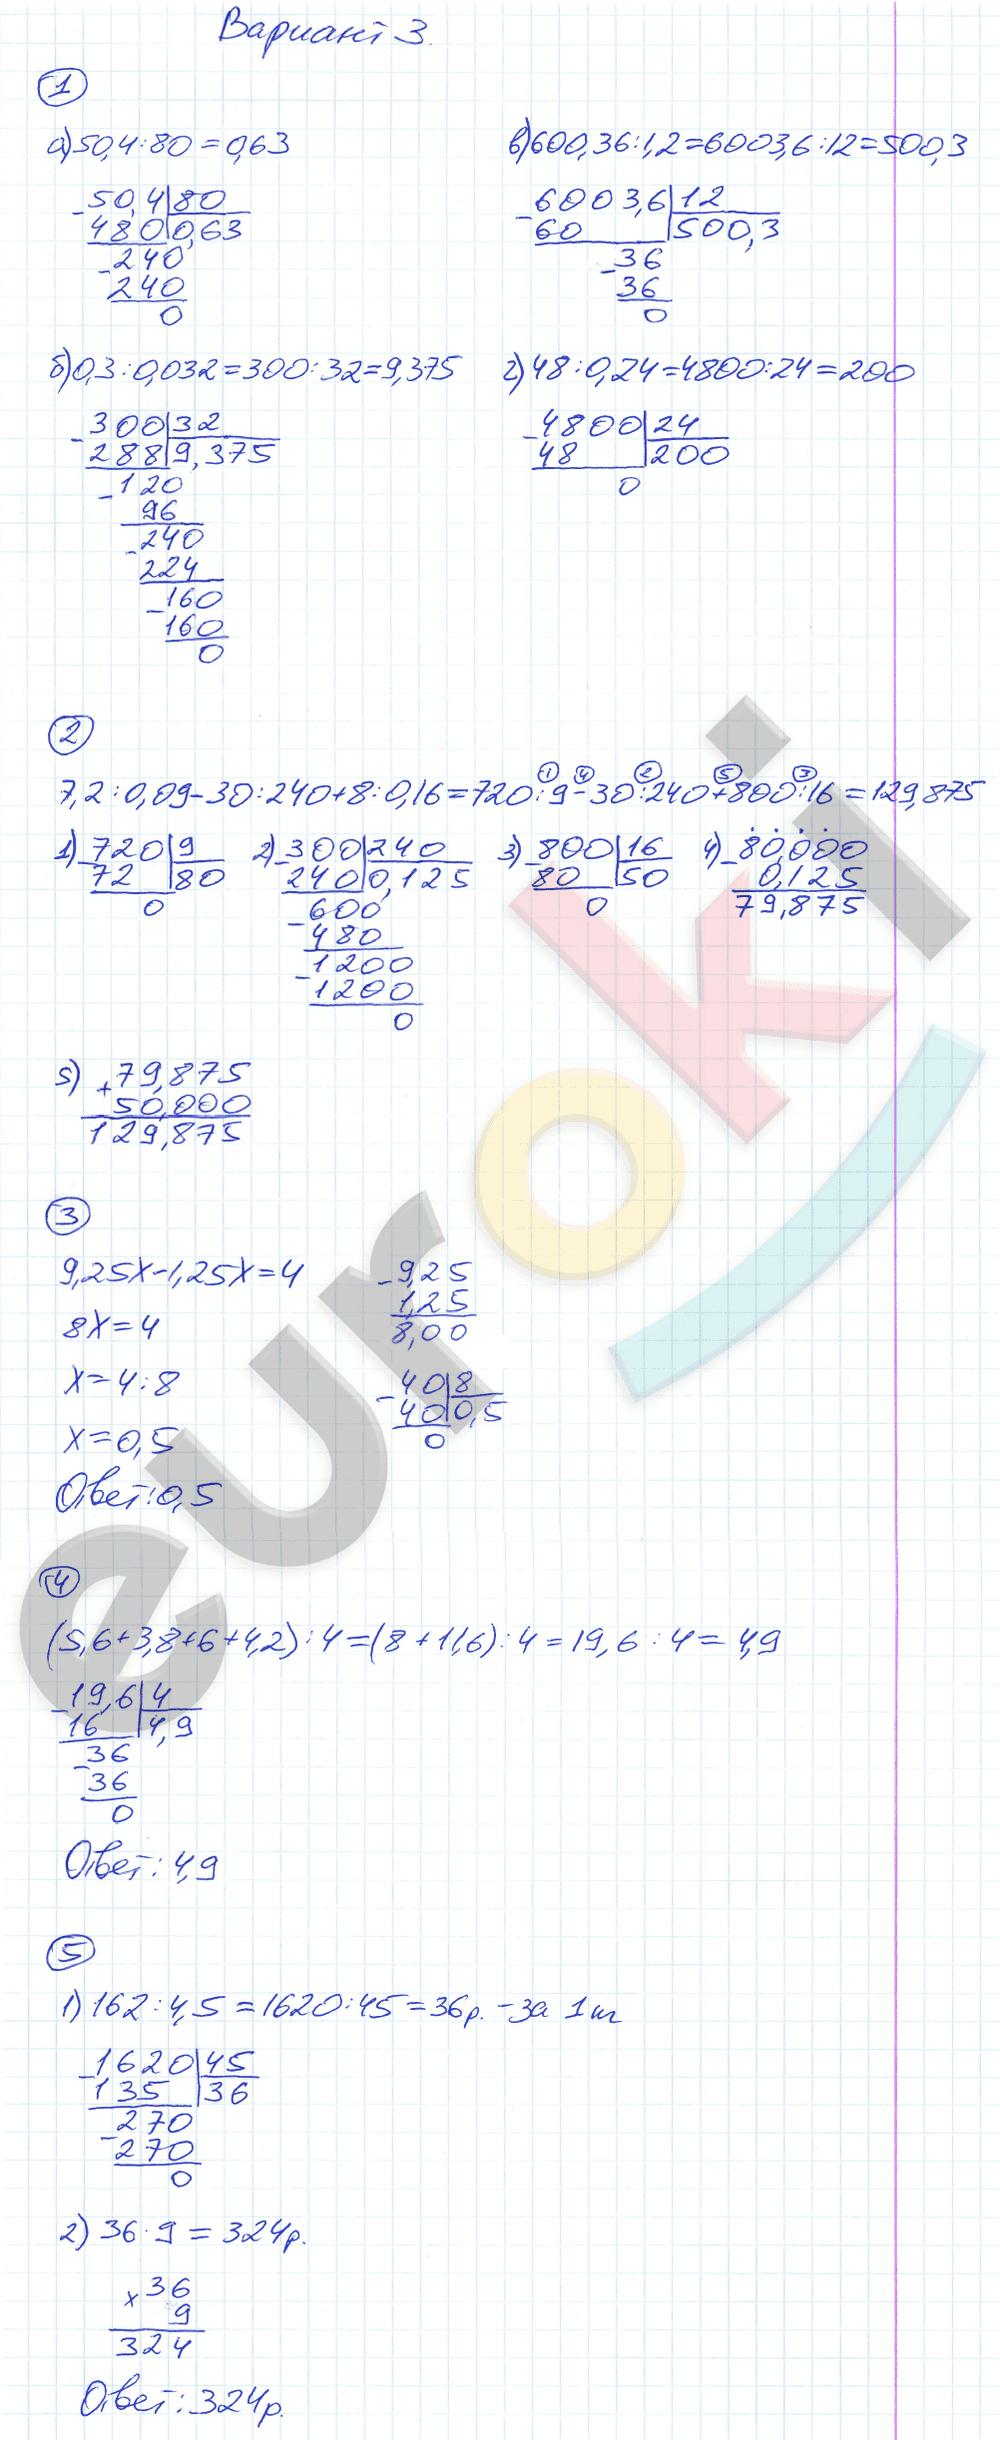 ГДЗ по математике 5 класс дидактические материалы Рудницкая. К учебнику Зубаревой Контрольные работы, КР-14. Деление десятичных дробей. Задание: Вариант 3